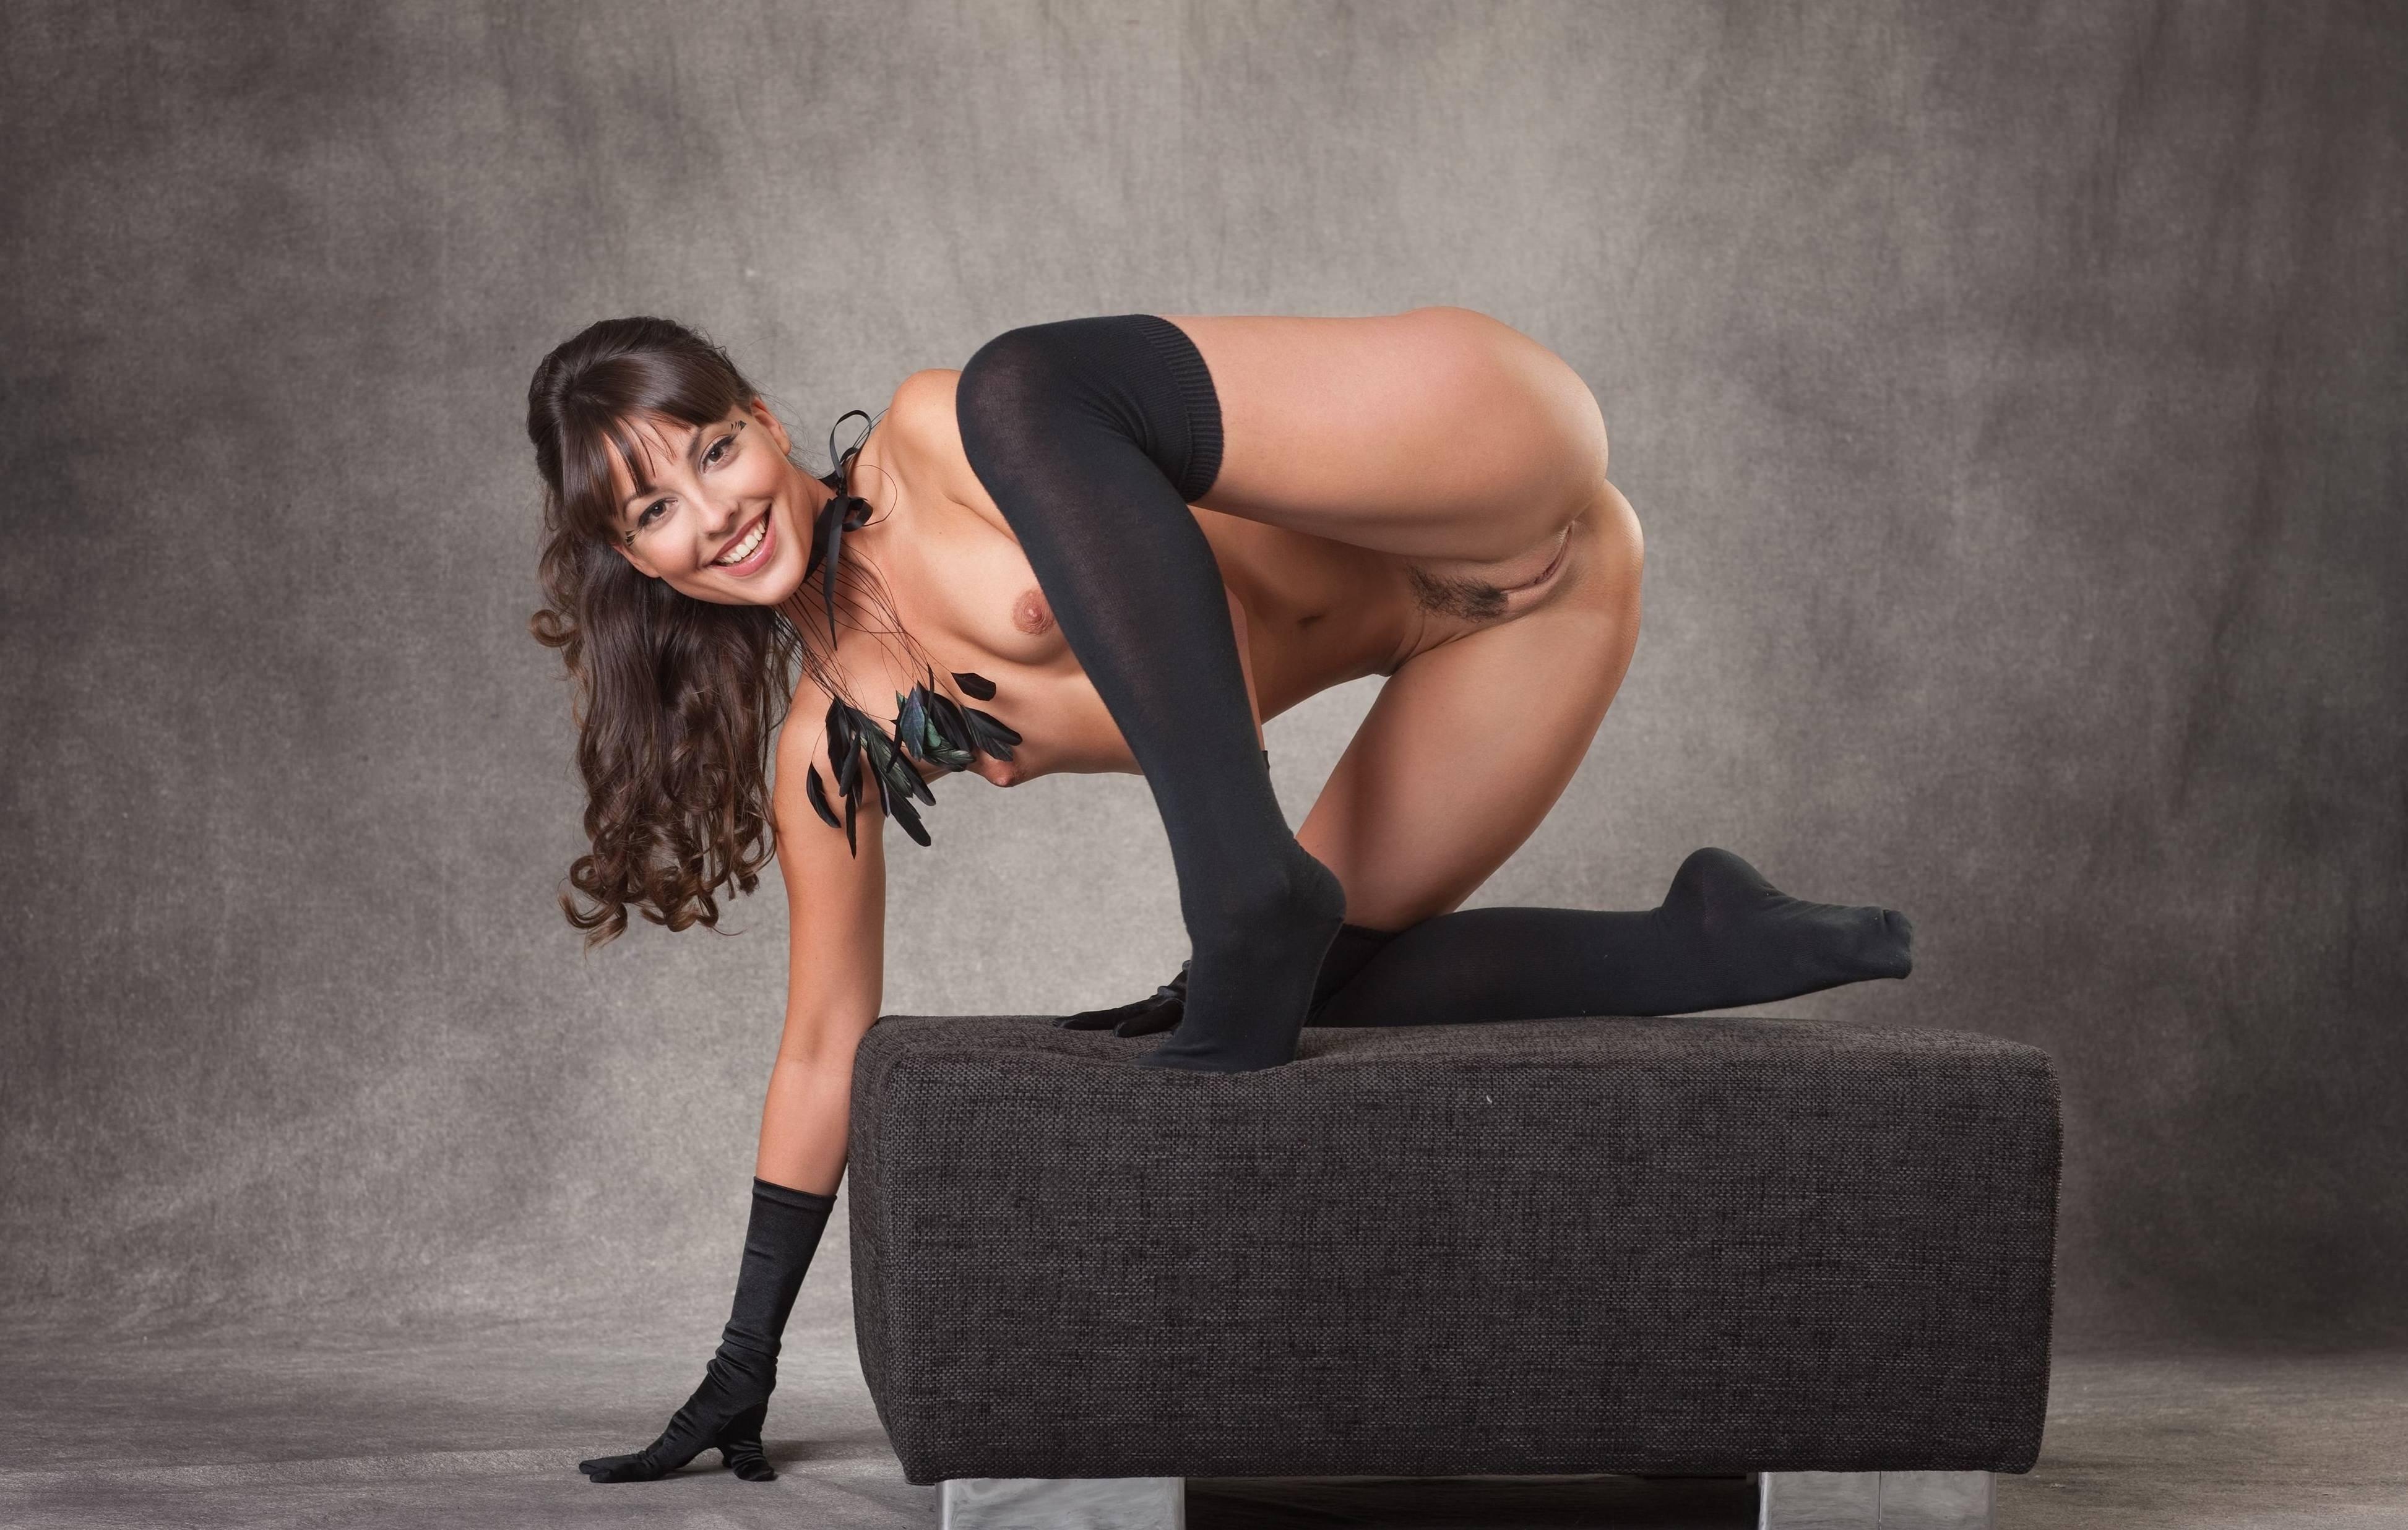 Фото Улыбающаяся девушка в черных гольфах, без нижнего белья на пуфике, скачать картинку бесплатно